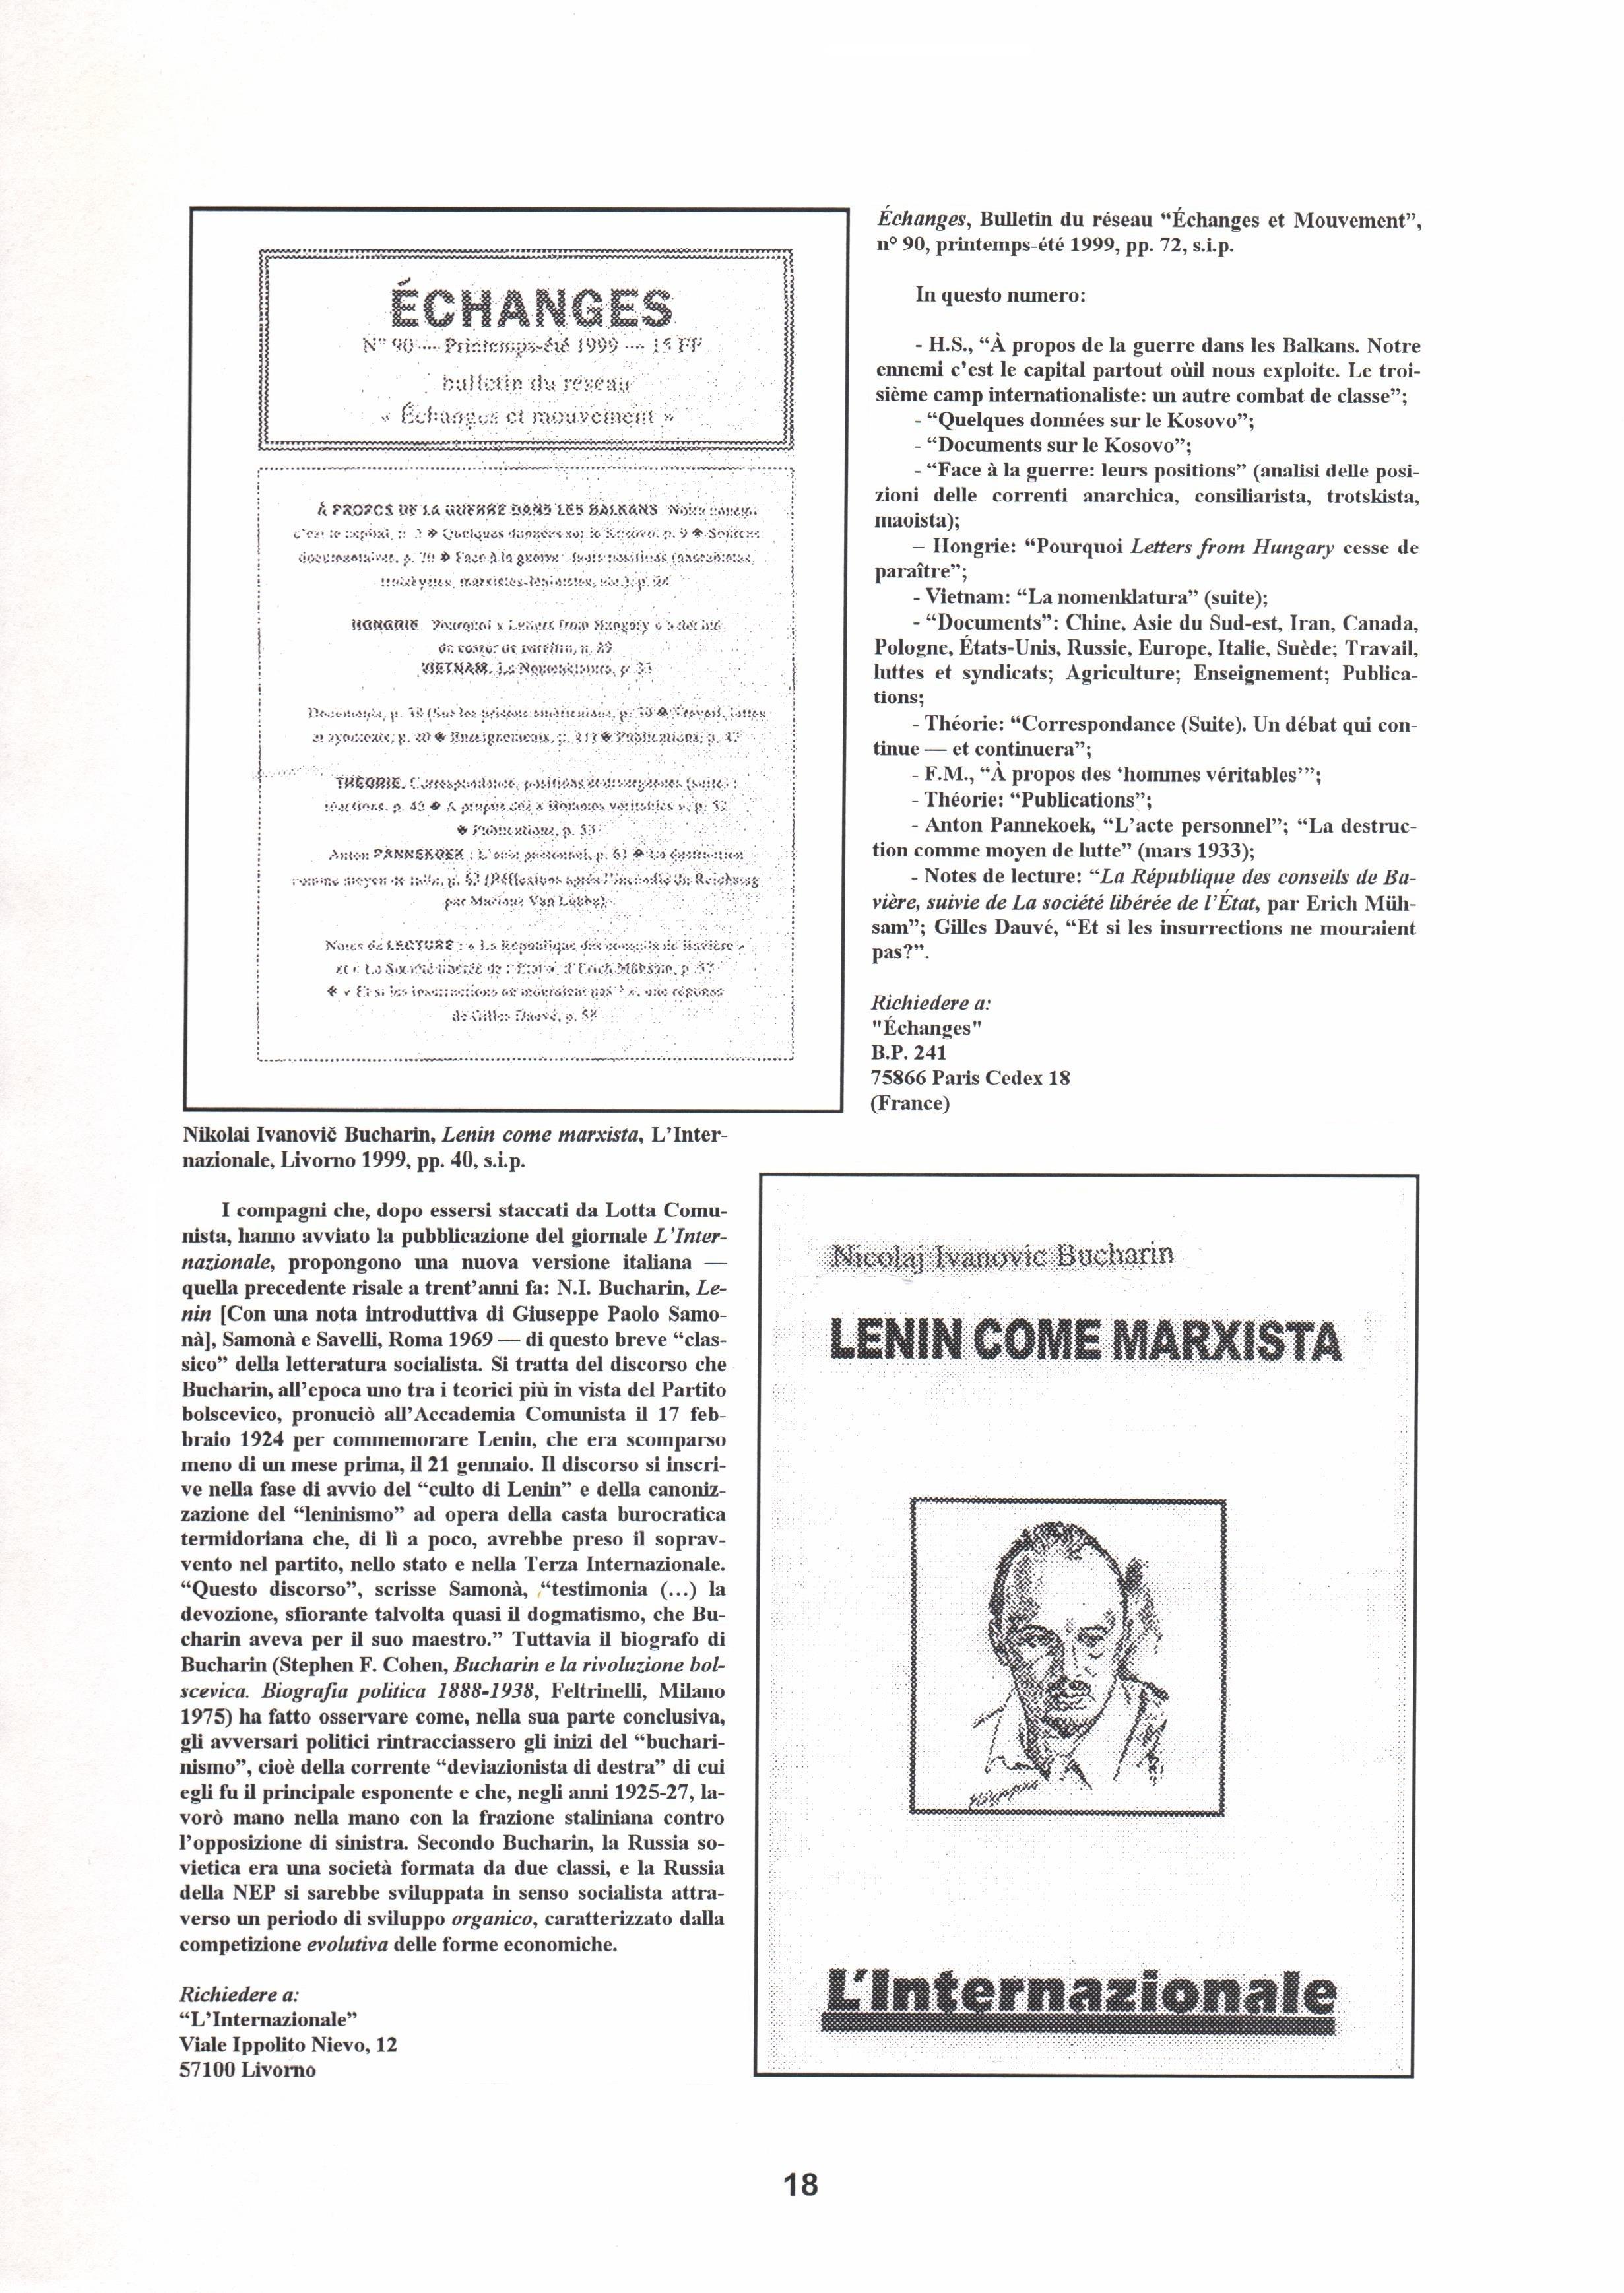 Quaderno n. 20 - pag. 19